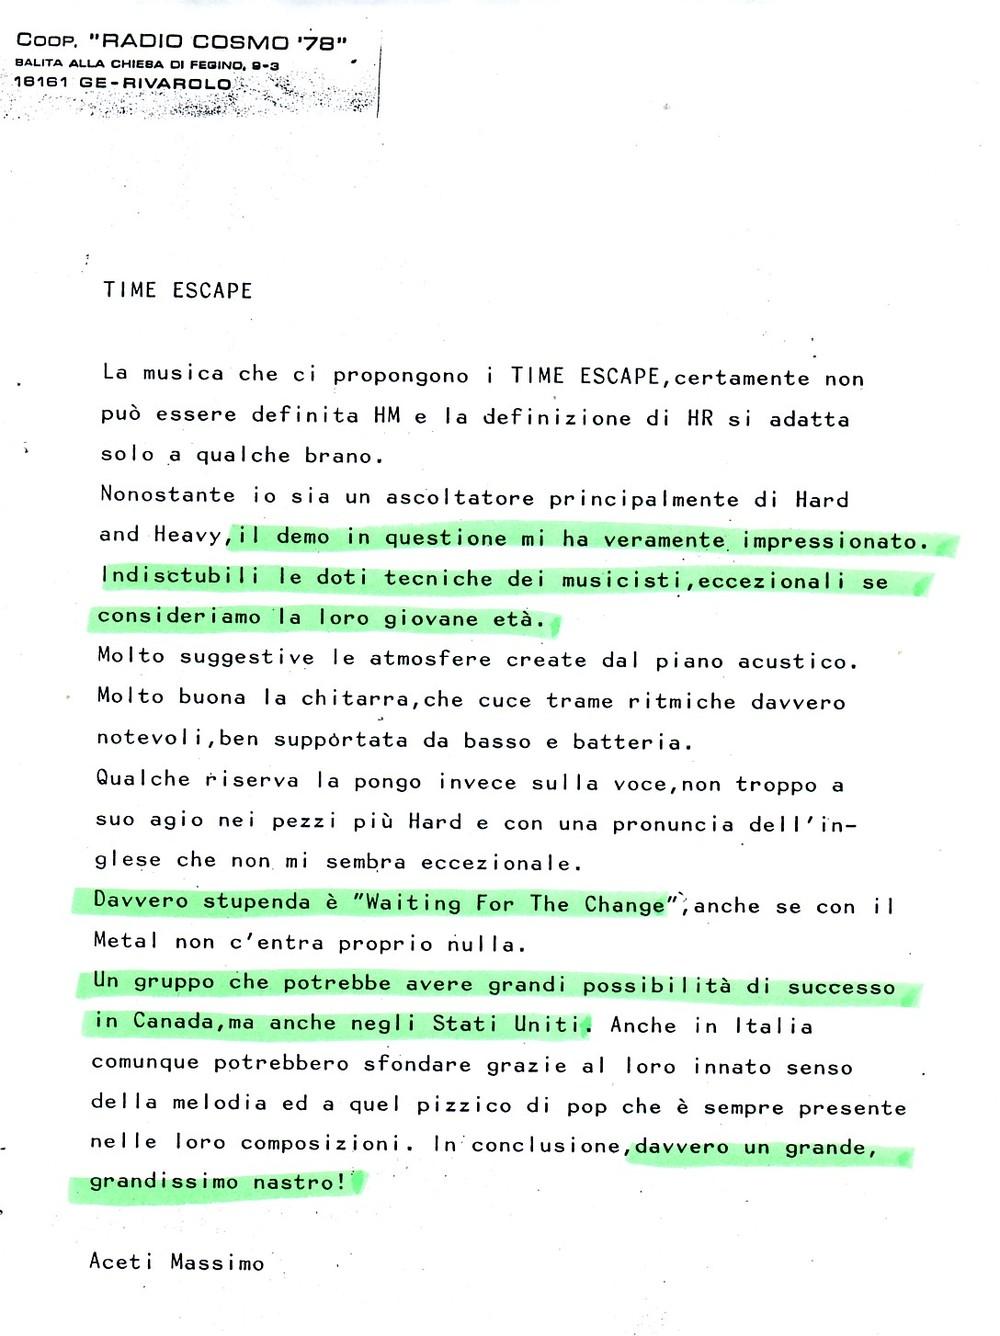 RADIO COSMO '76 (ITALY) - 1988